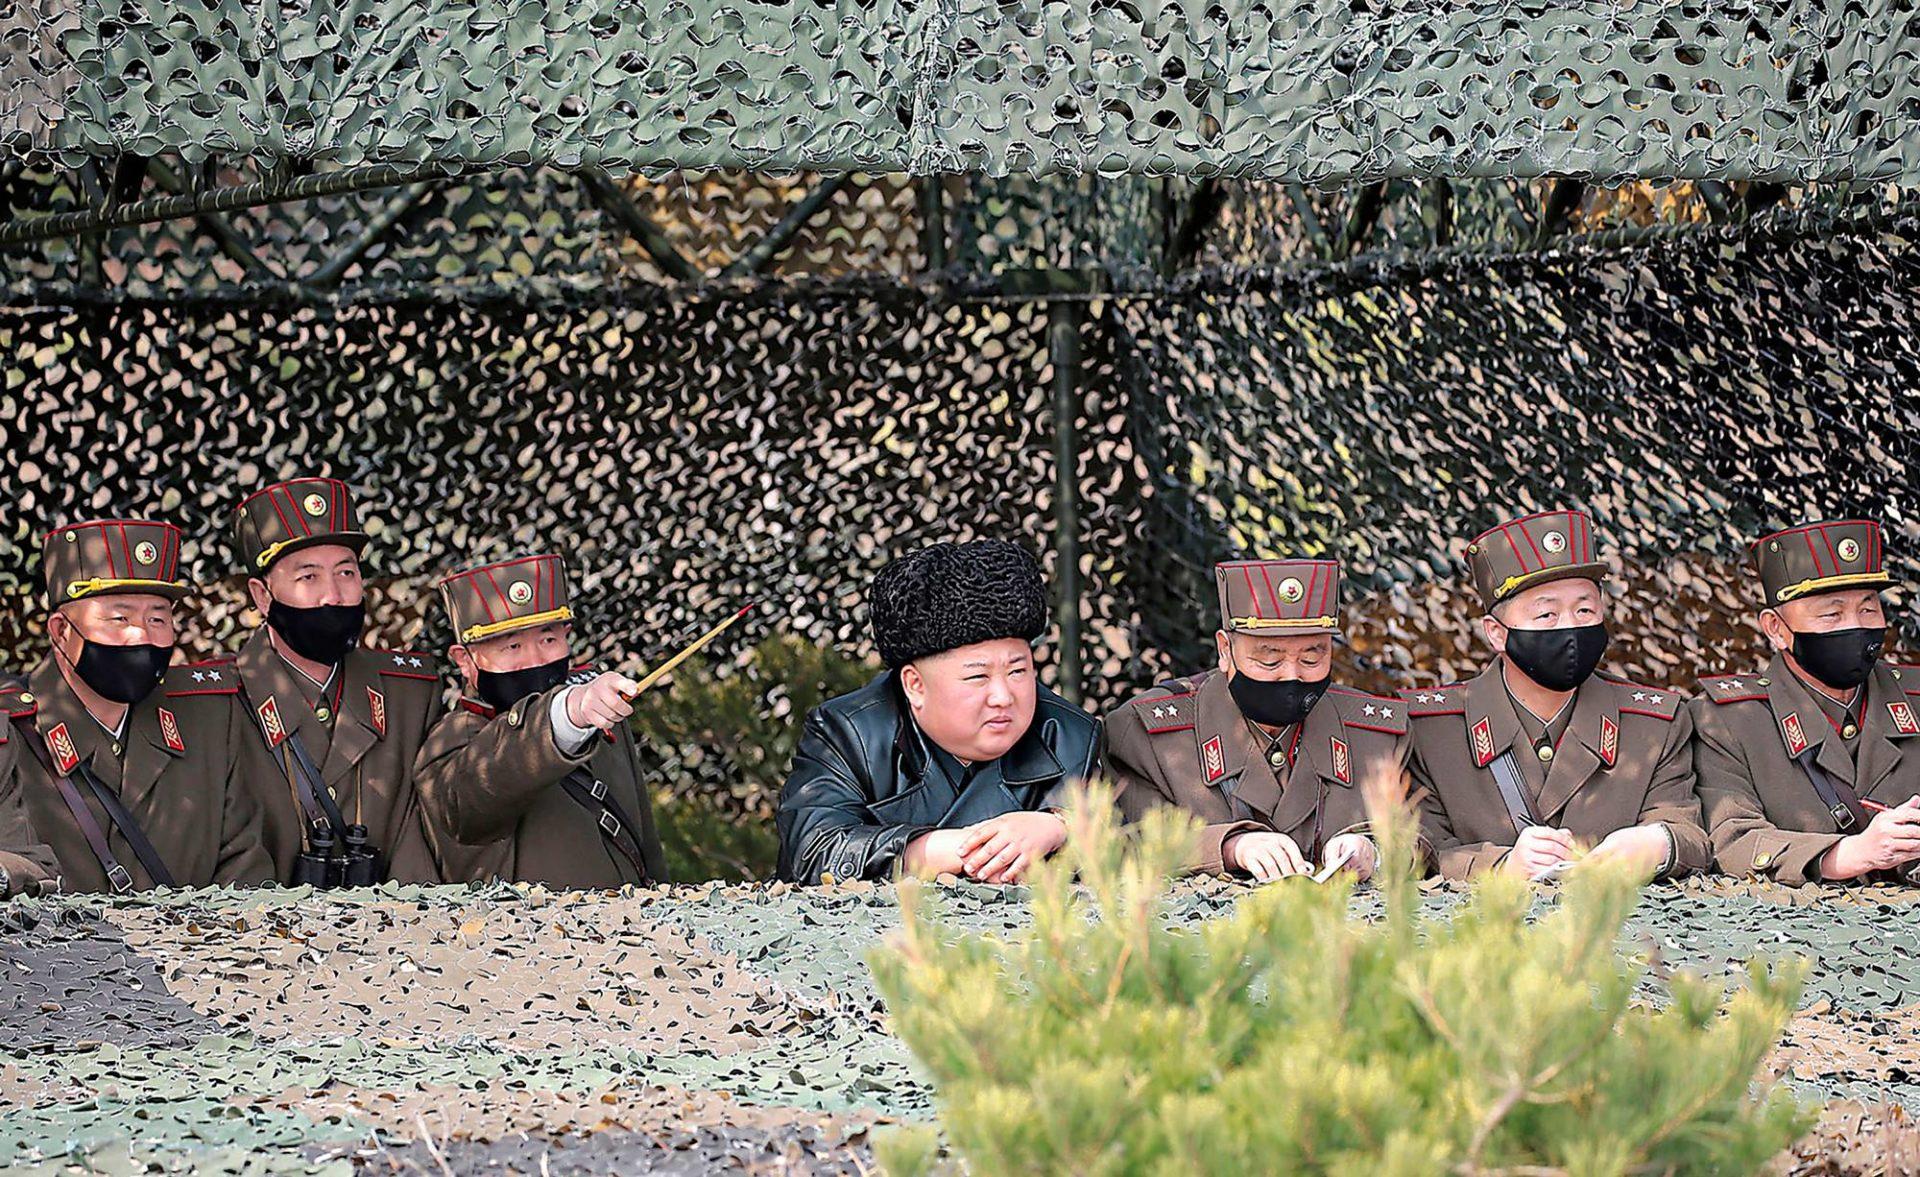 Pohjois-Korean yksinvaltias Kim Jong-un seuraa armeijan harjoituksia. Valtiollinen uutistoimisto KCNA julkaisi kuvan 13. maaliskuuta mutta ei kertonut, milloin ja missä kuva on otettu.